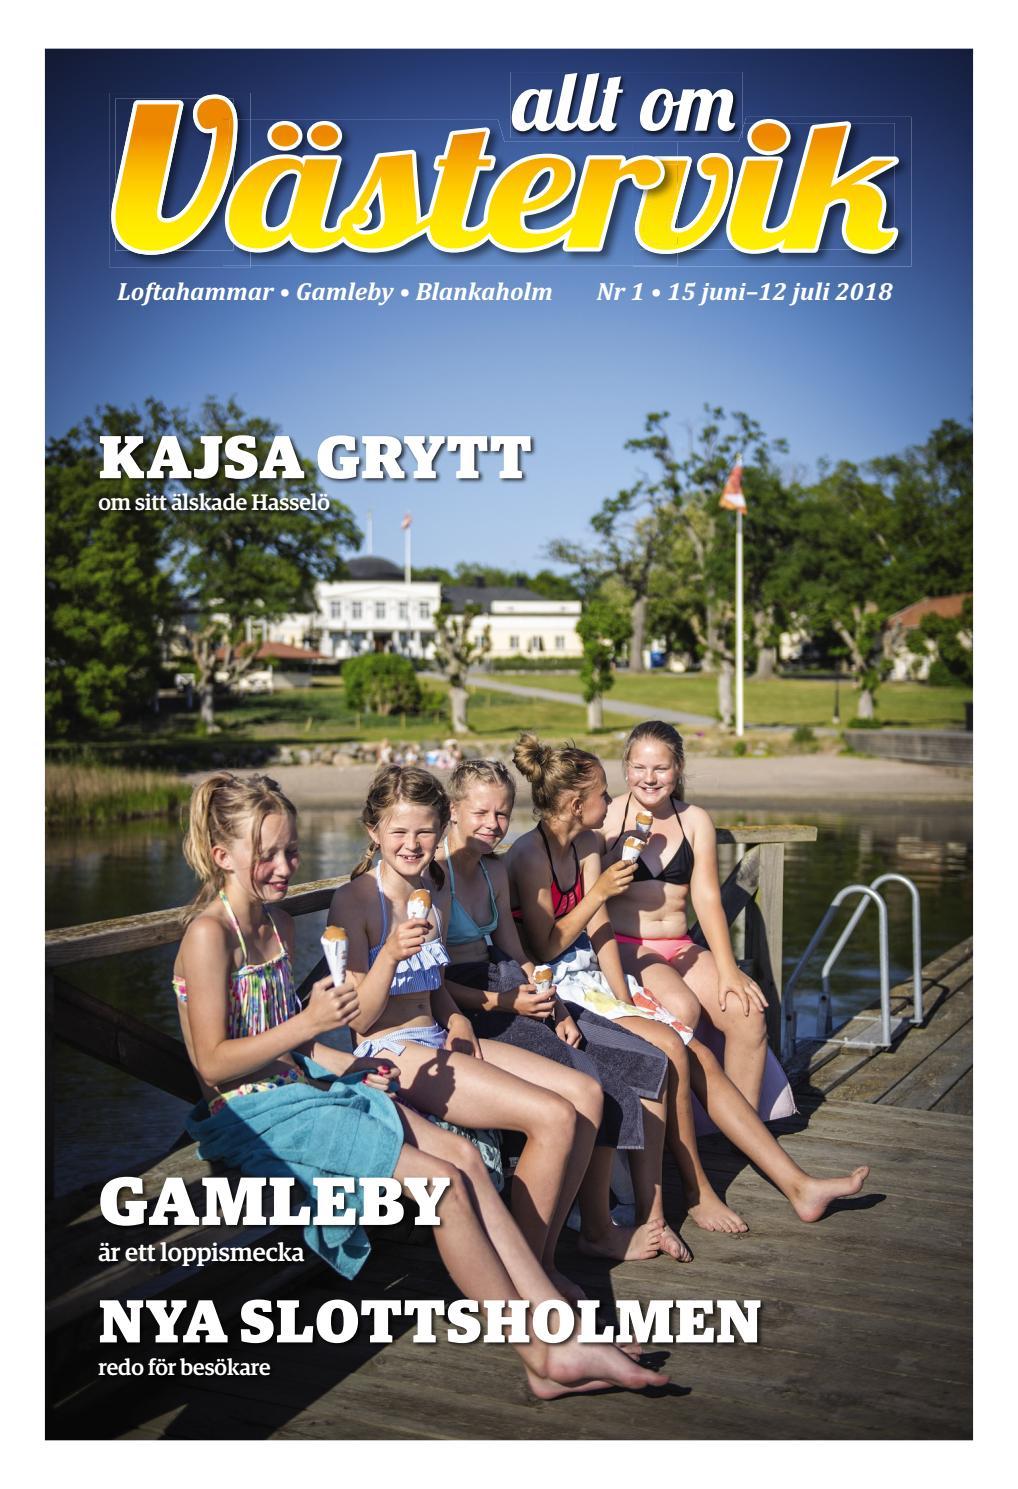 Hur betala tillbaka till Vstervik? - unam.net - Vsterviks-Tidningen